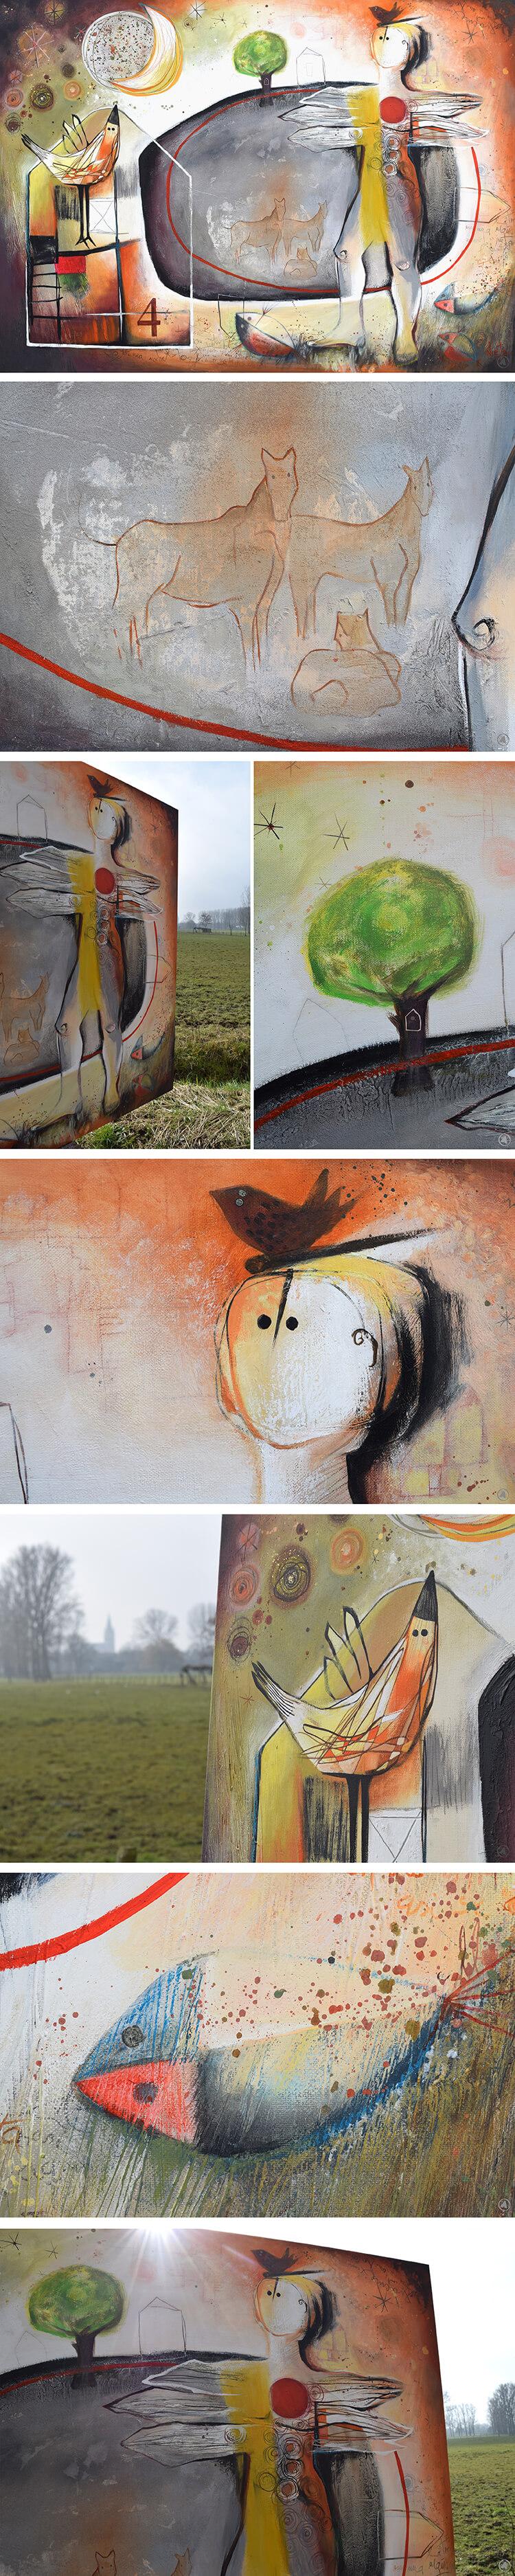 Painting CASAS by Angeles Nieto